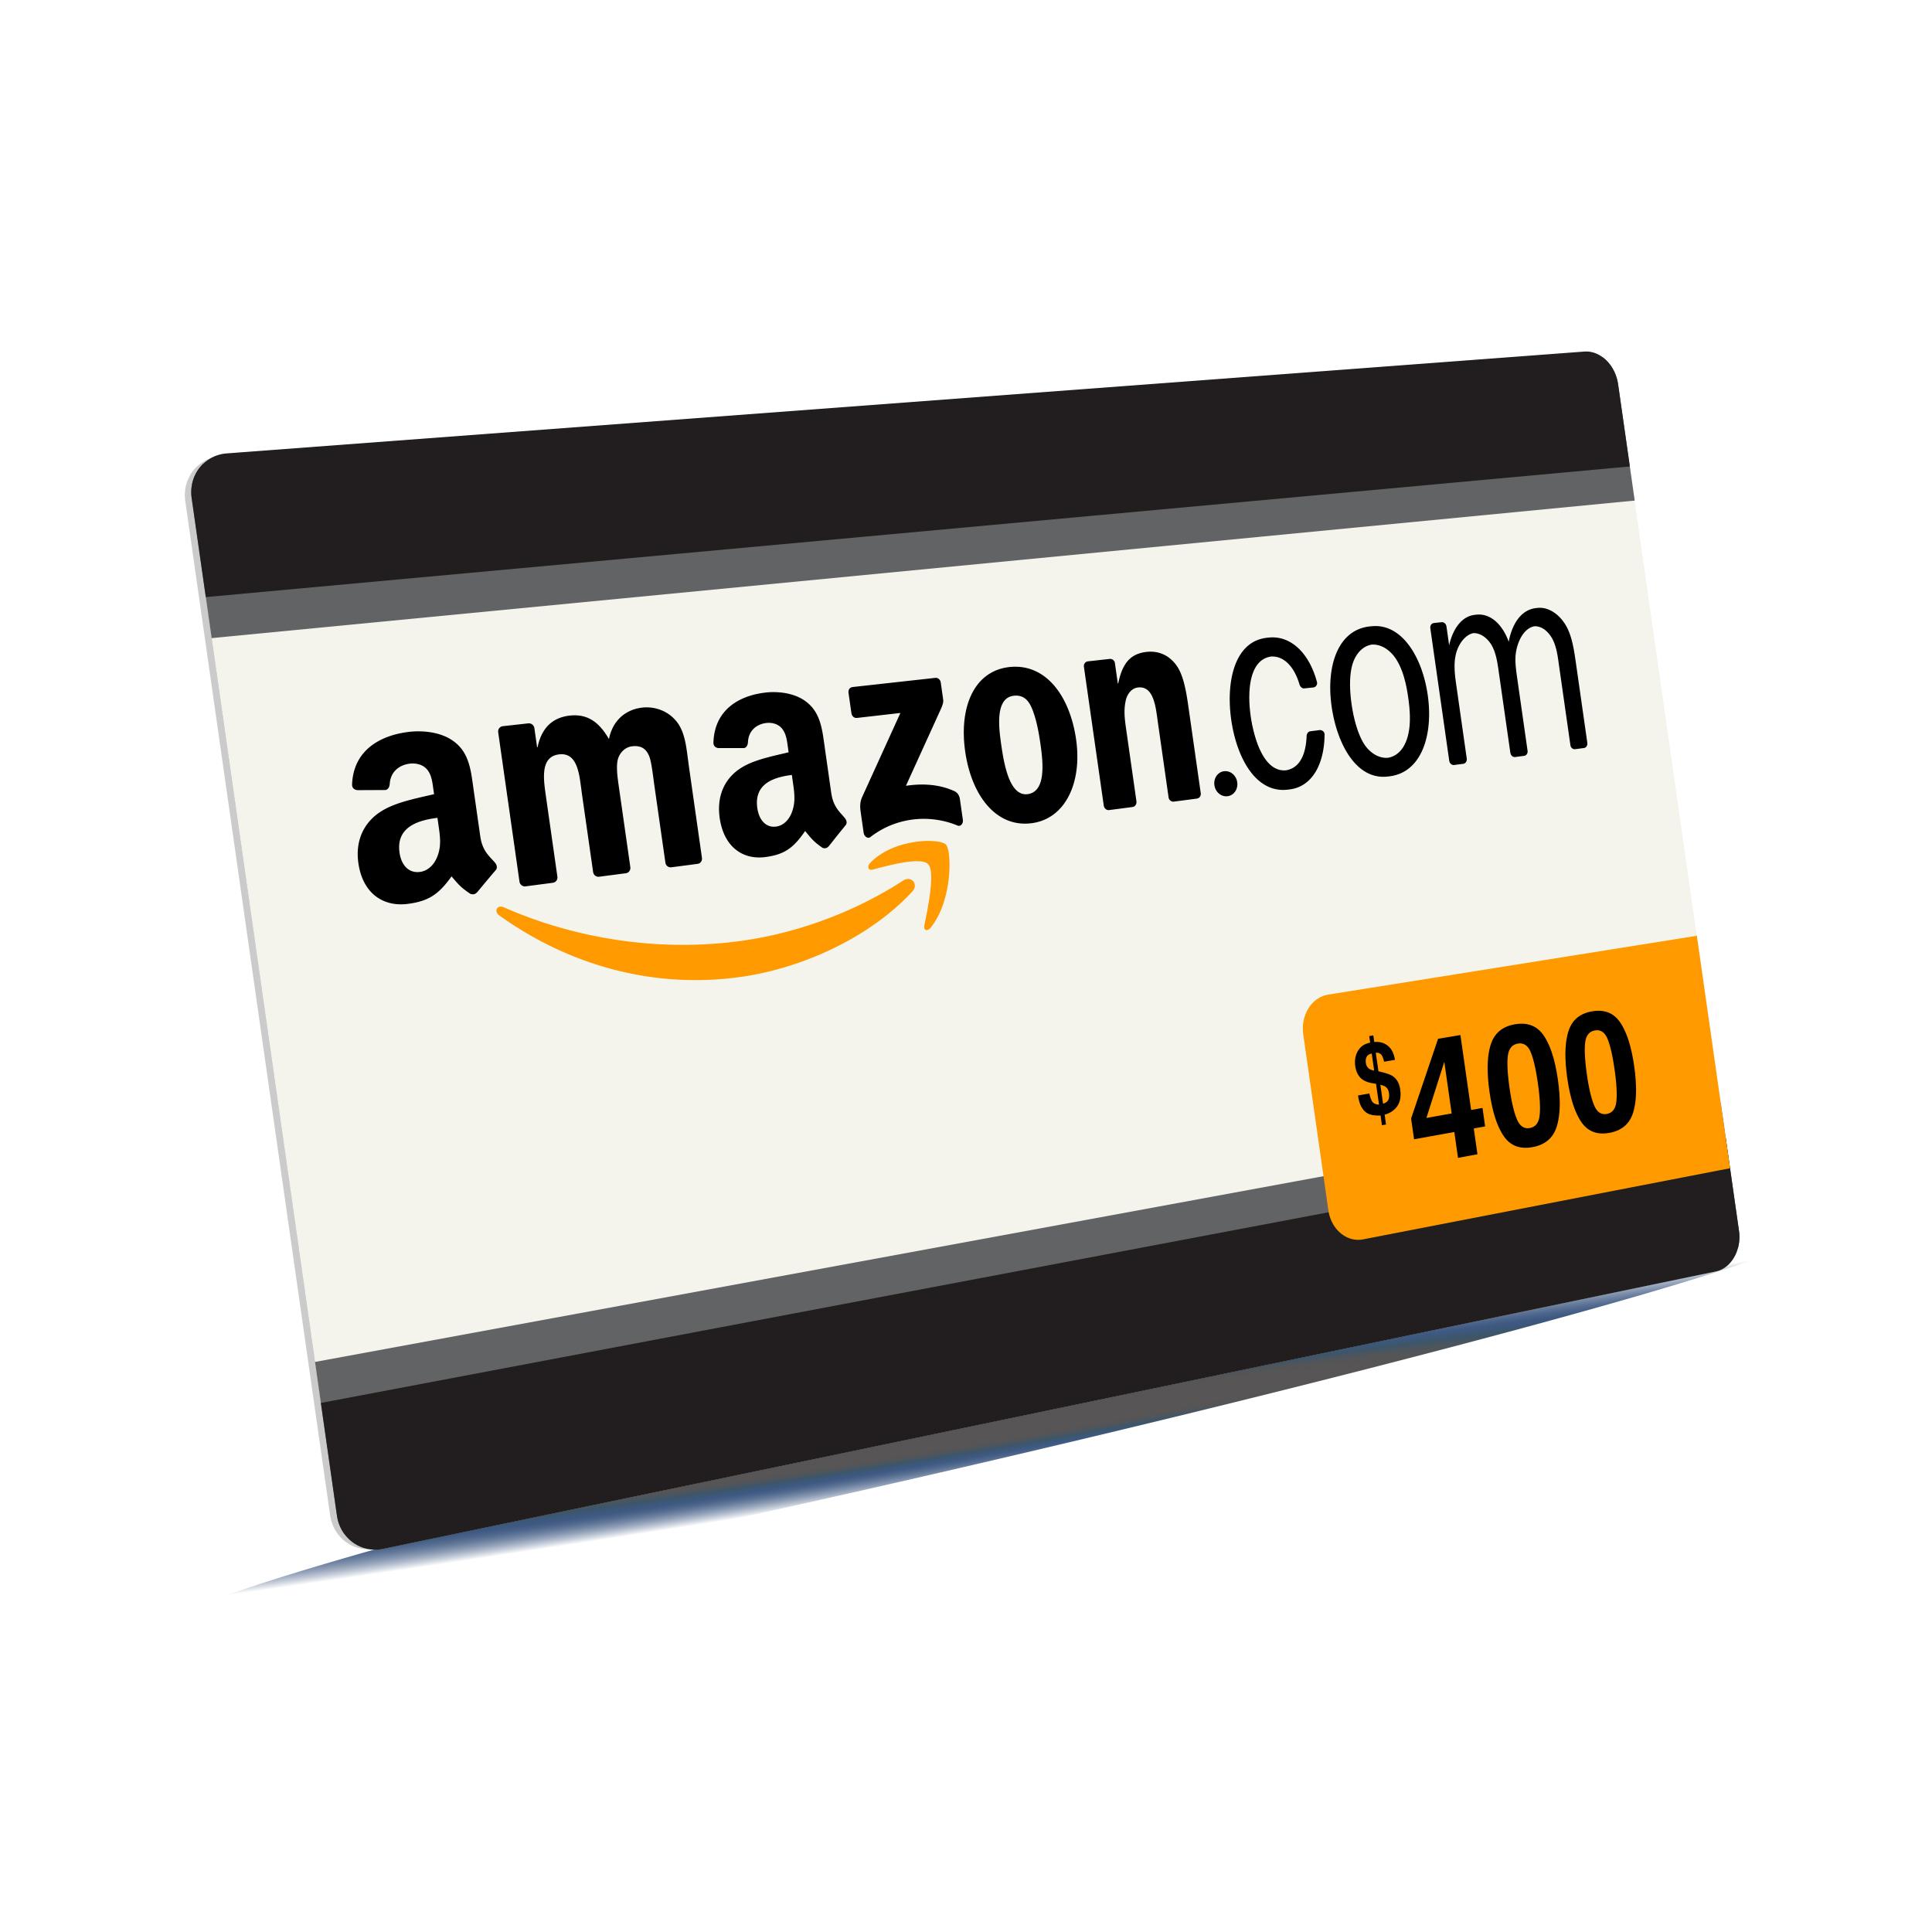 Carte-cadeau d'Amazon  - Échangeable contre des millions d'articles disponibles sur Amazon.ca - Pas de date d'expiration